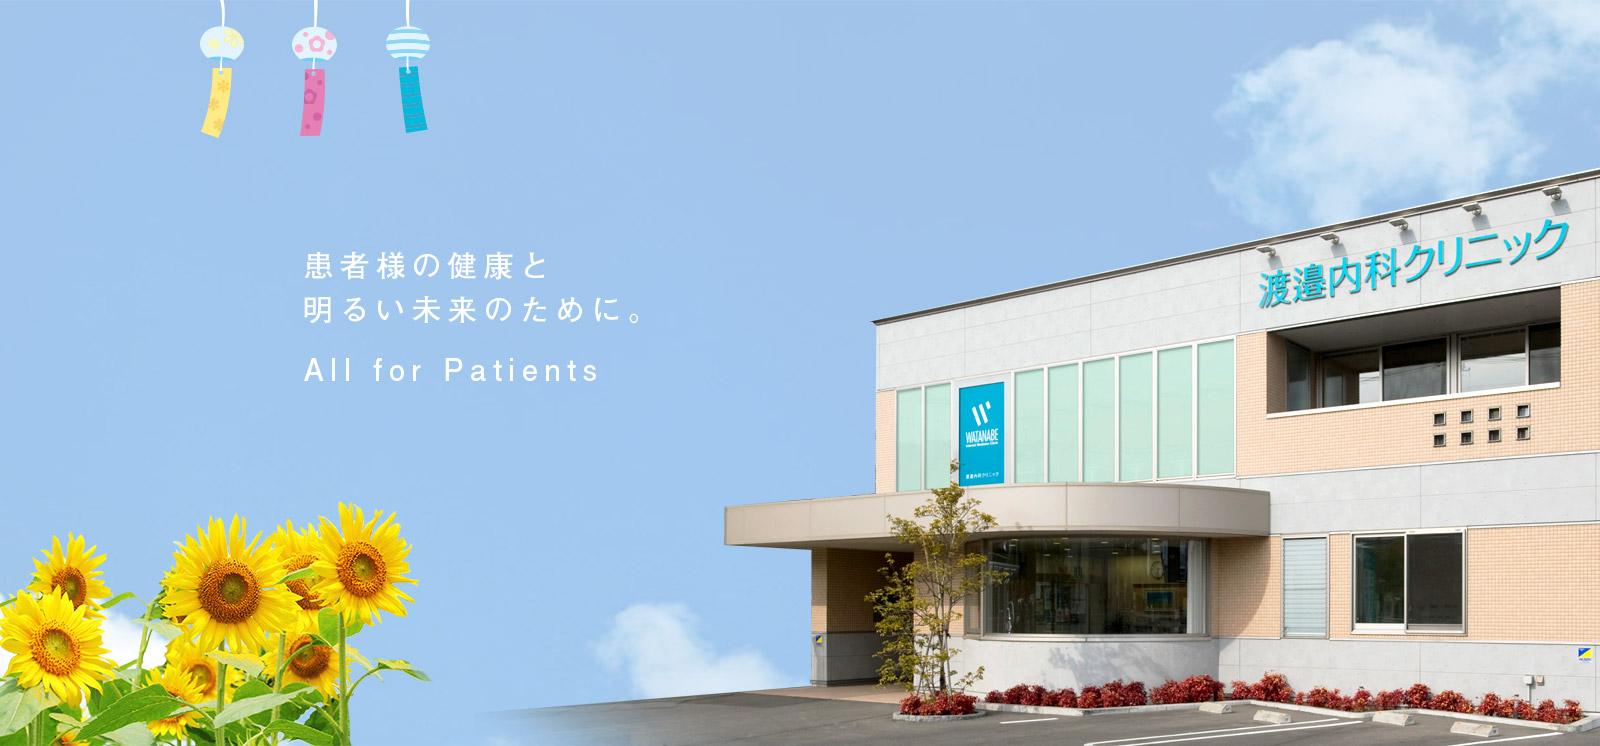 患者様の健康と明るい未来のために。All for Patients